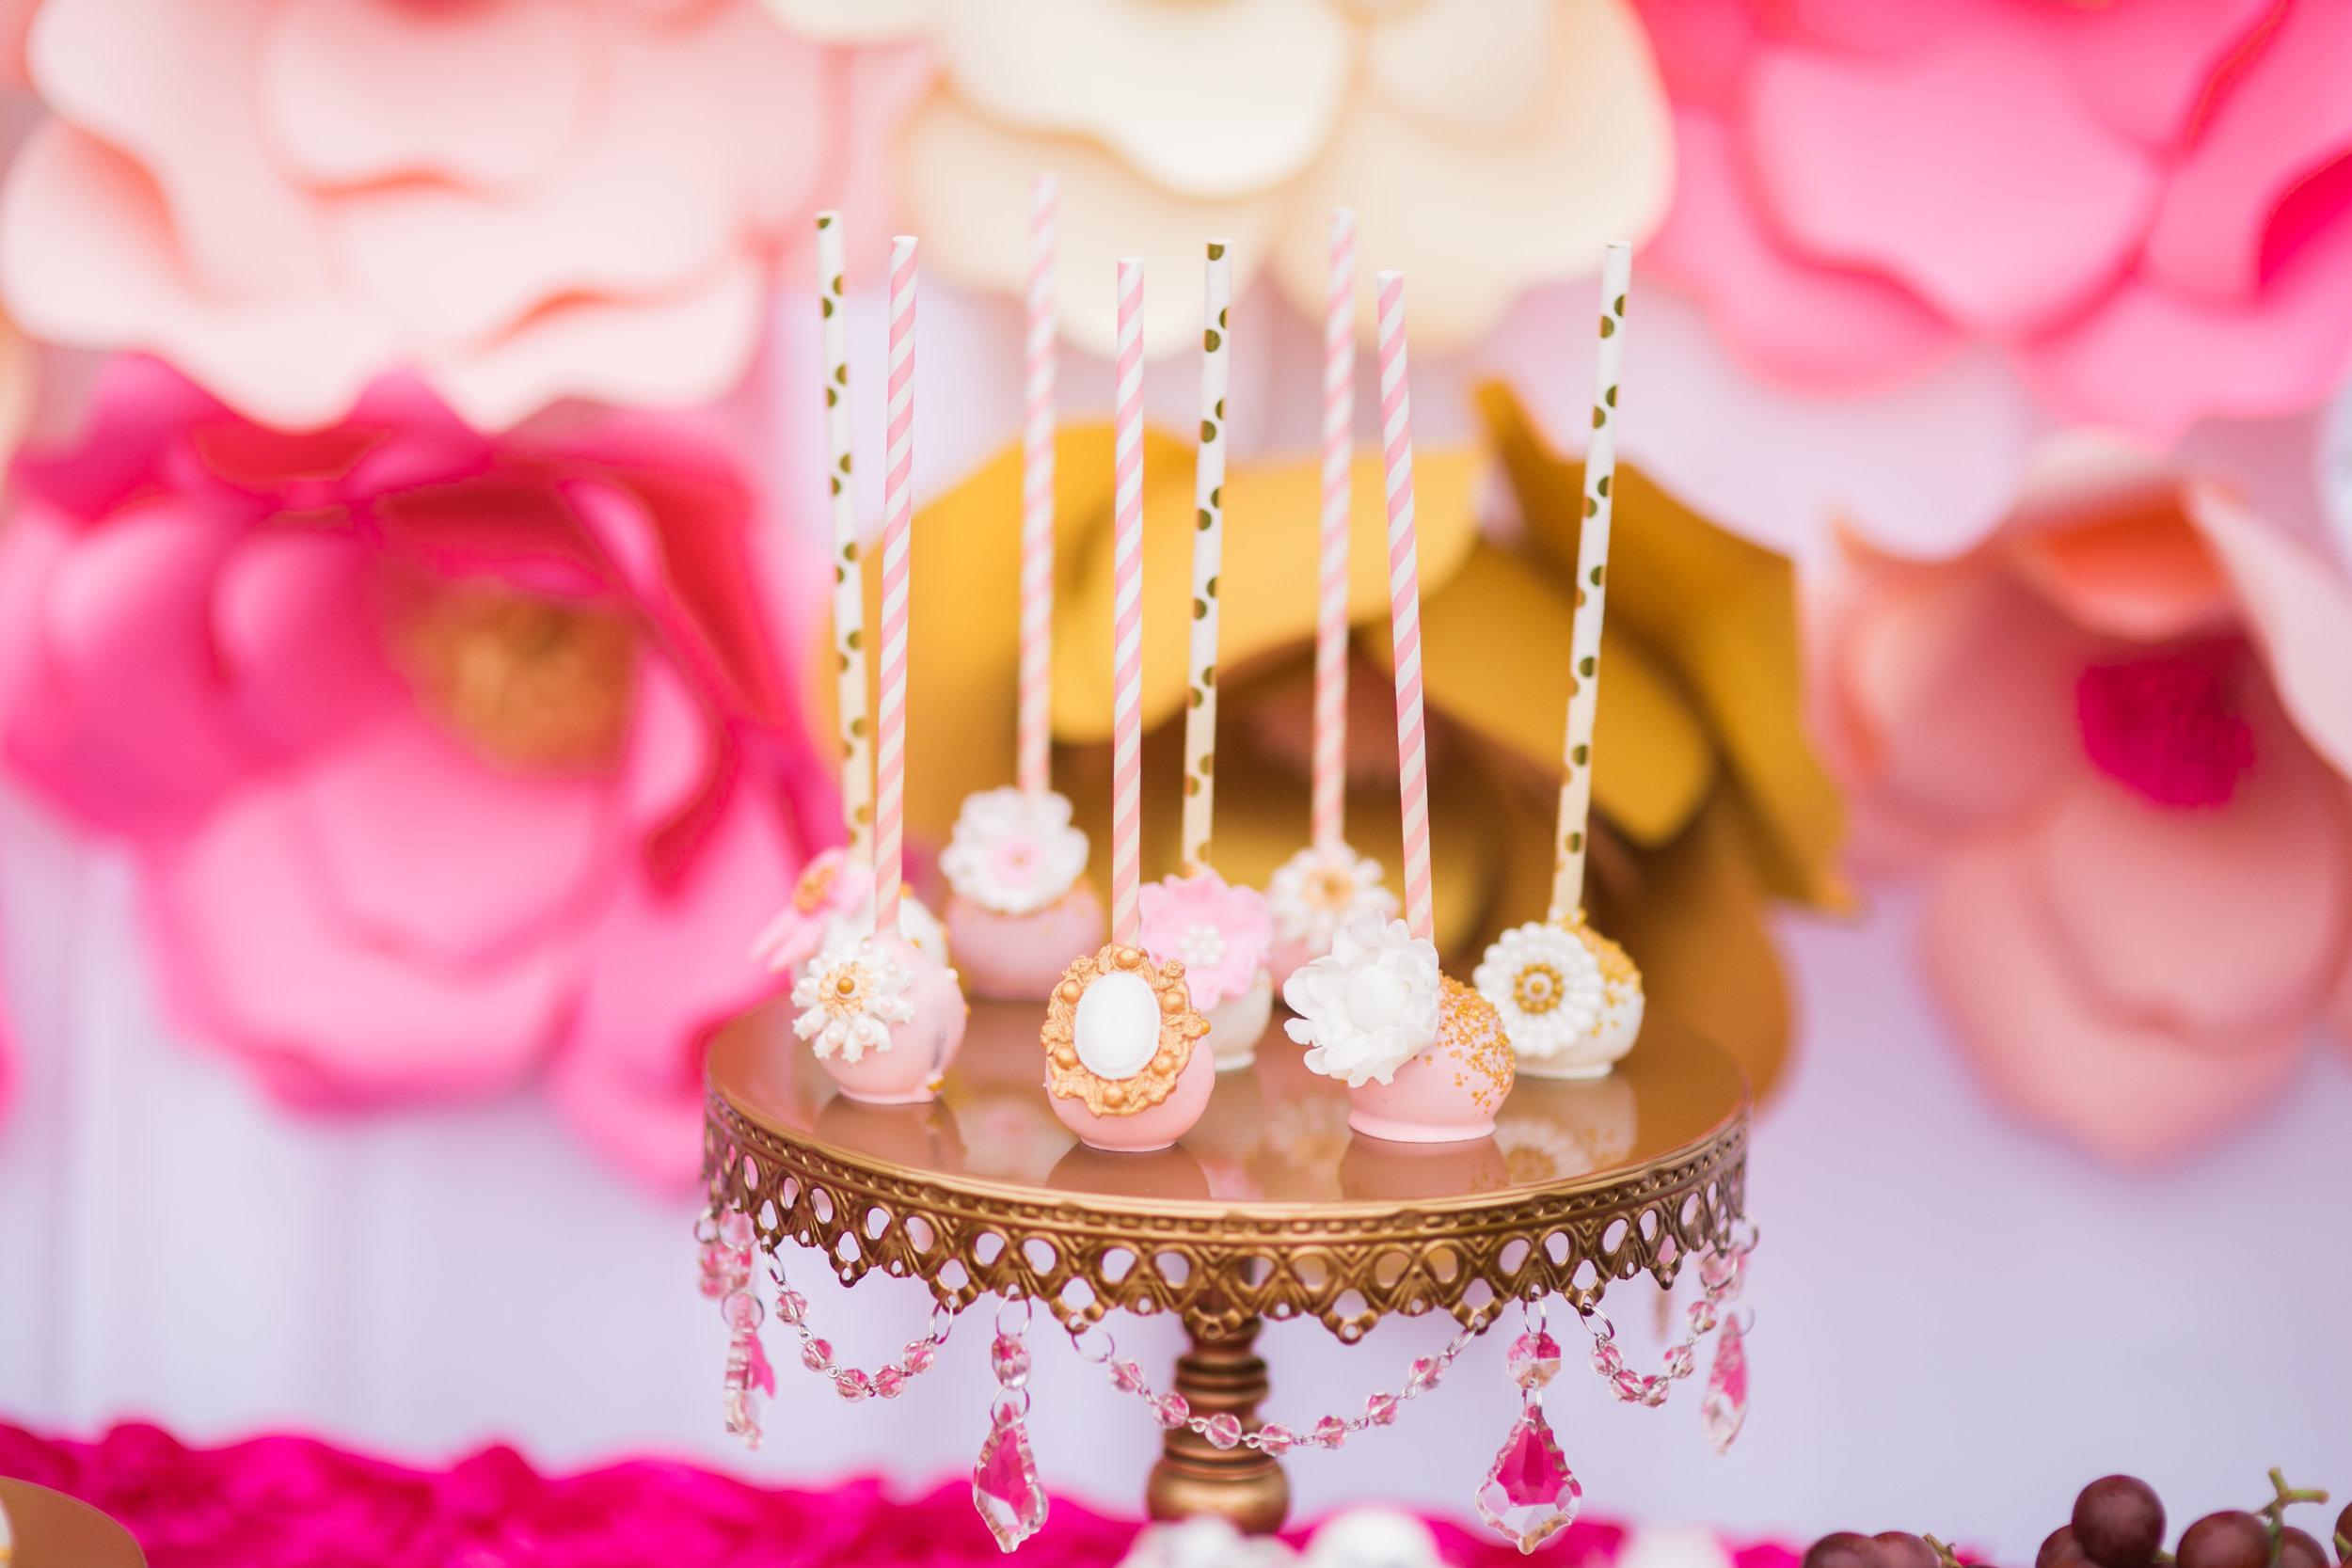 gold-chandelier-cake-stand-Birthday-cakepops_.jpg